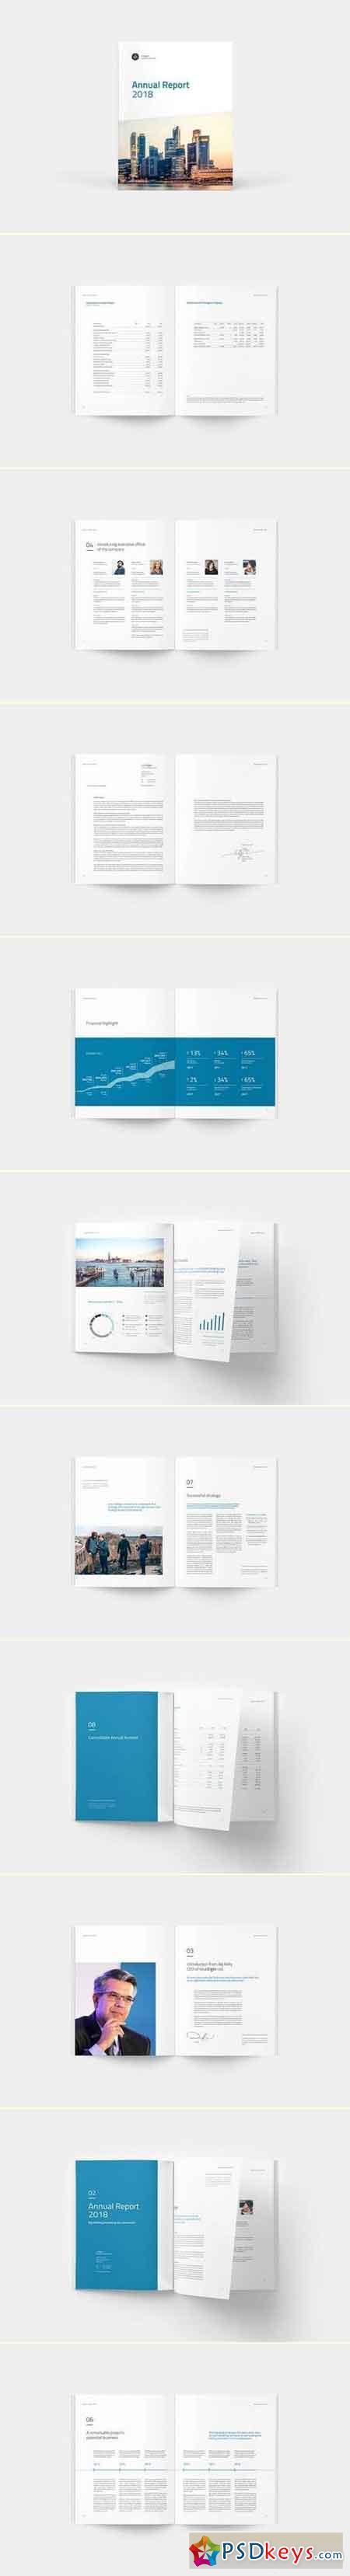 Annual Report 2018 v2